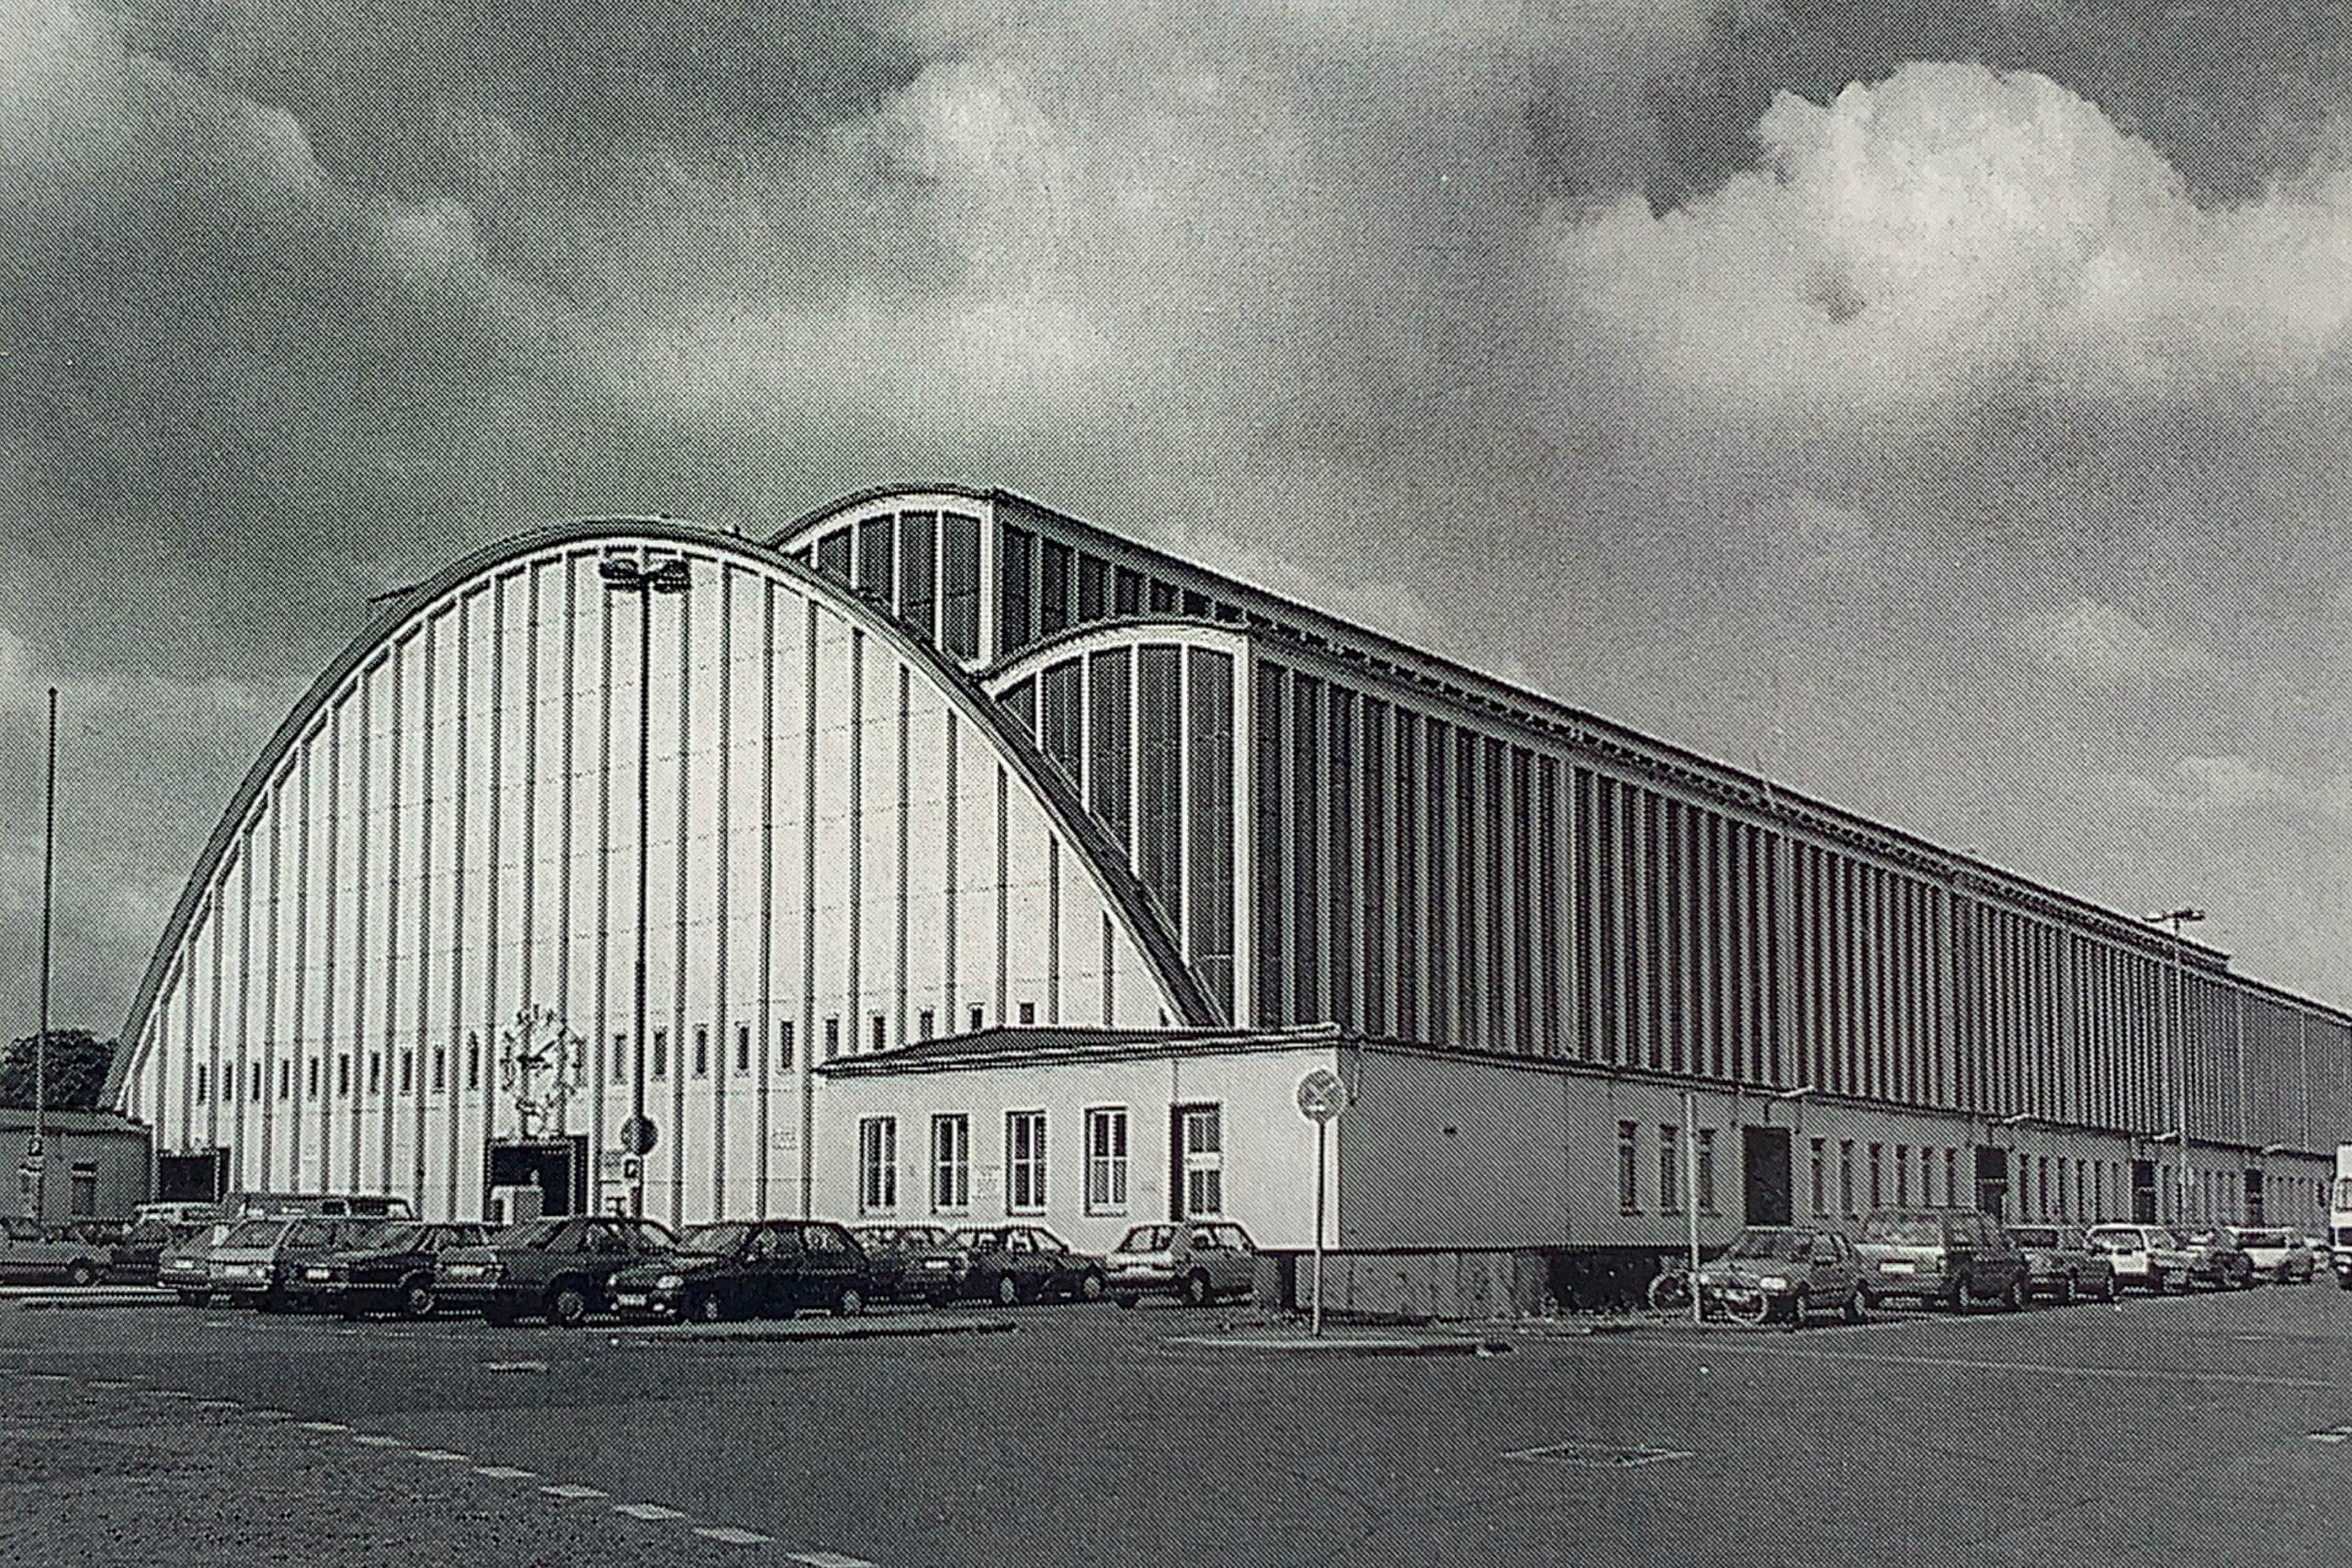 Großmarkthalle, 1935-1940. Entwurf: Theodor Teichen, Ulrich Finsterwalder